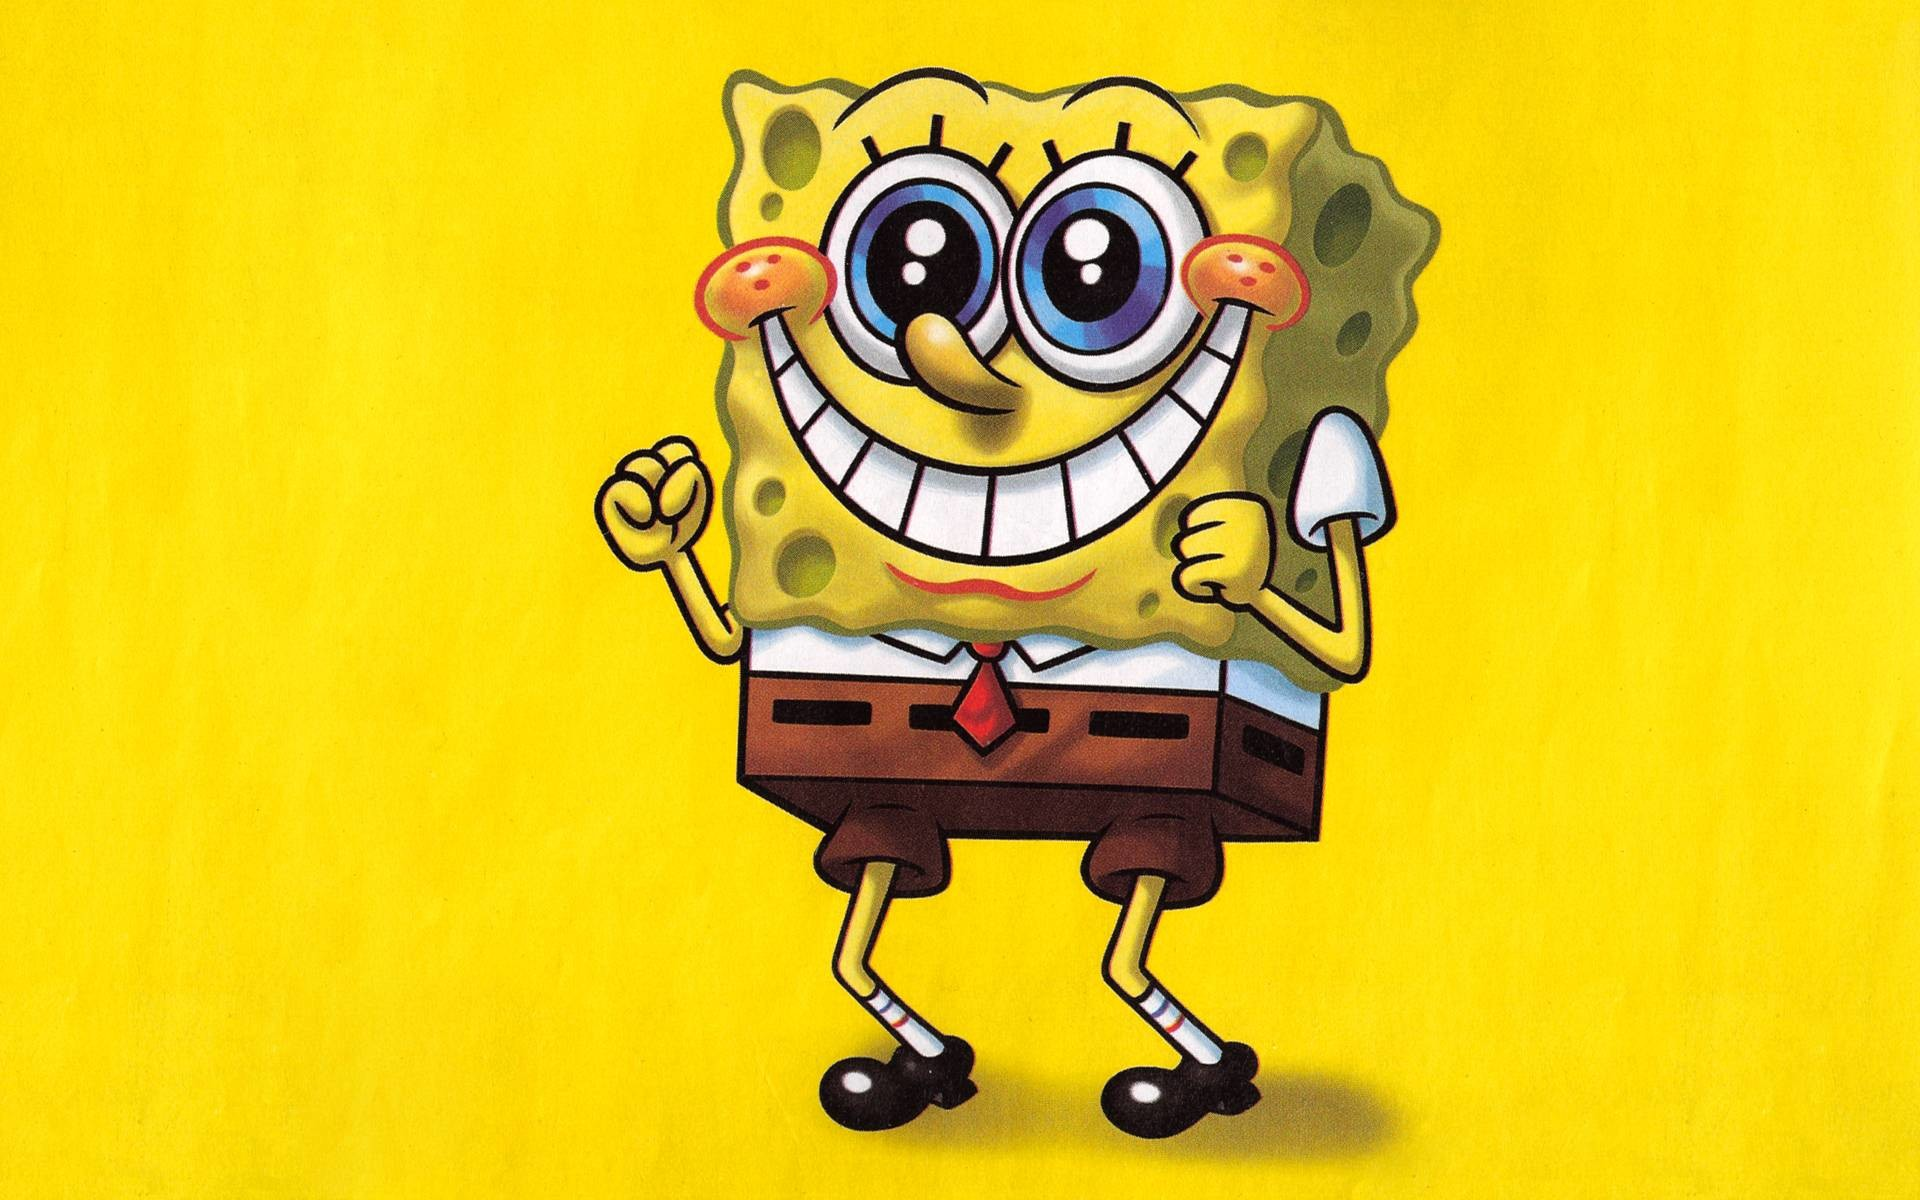 Funny Spongebob Wallpaper (63+ images)